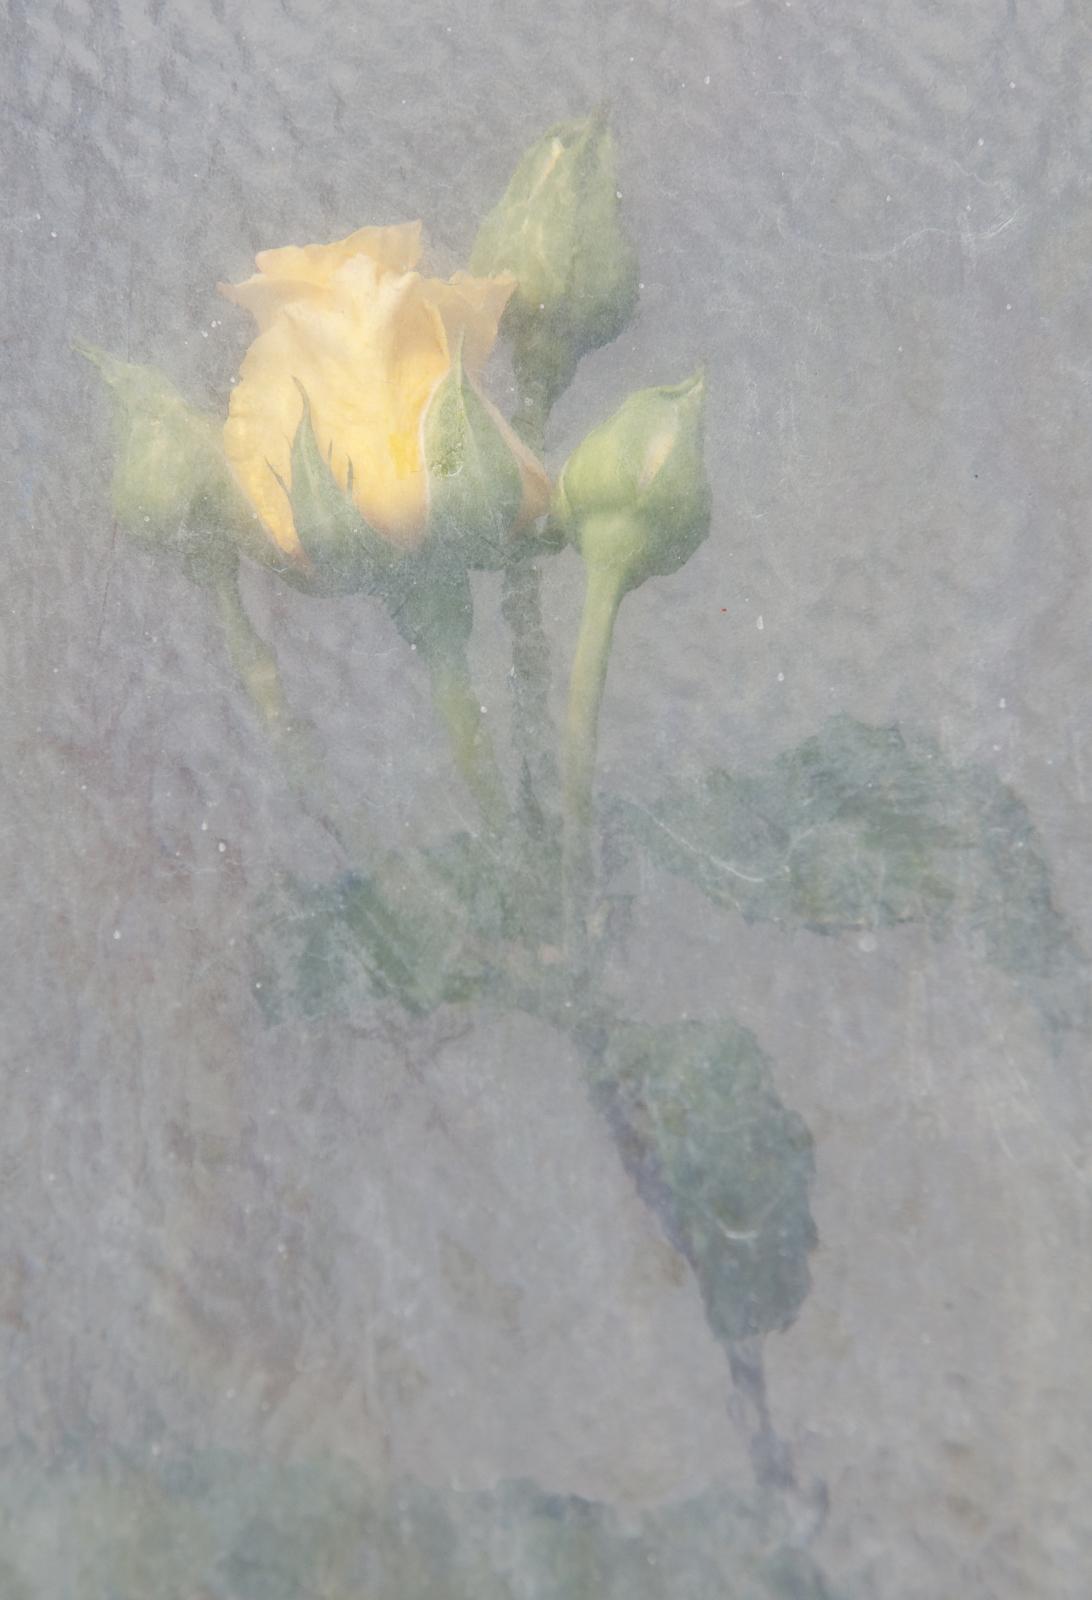 boccioli gialli 2